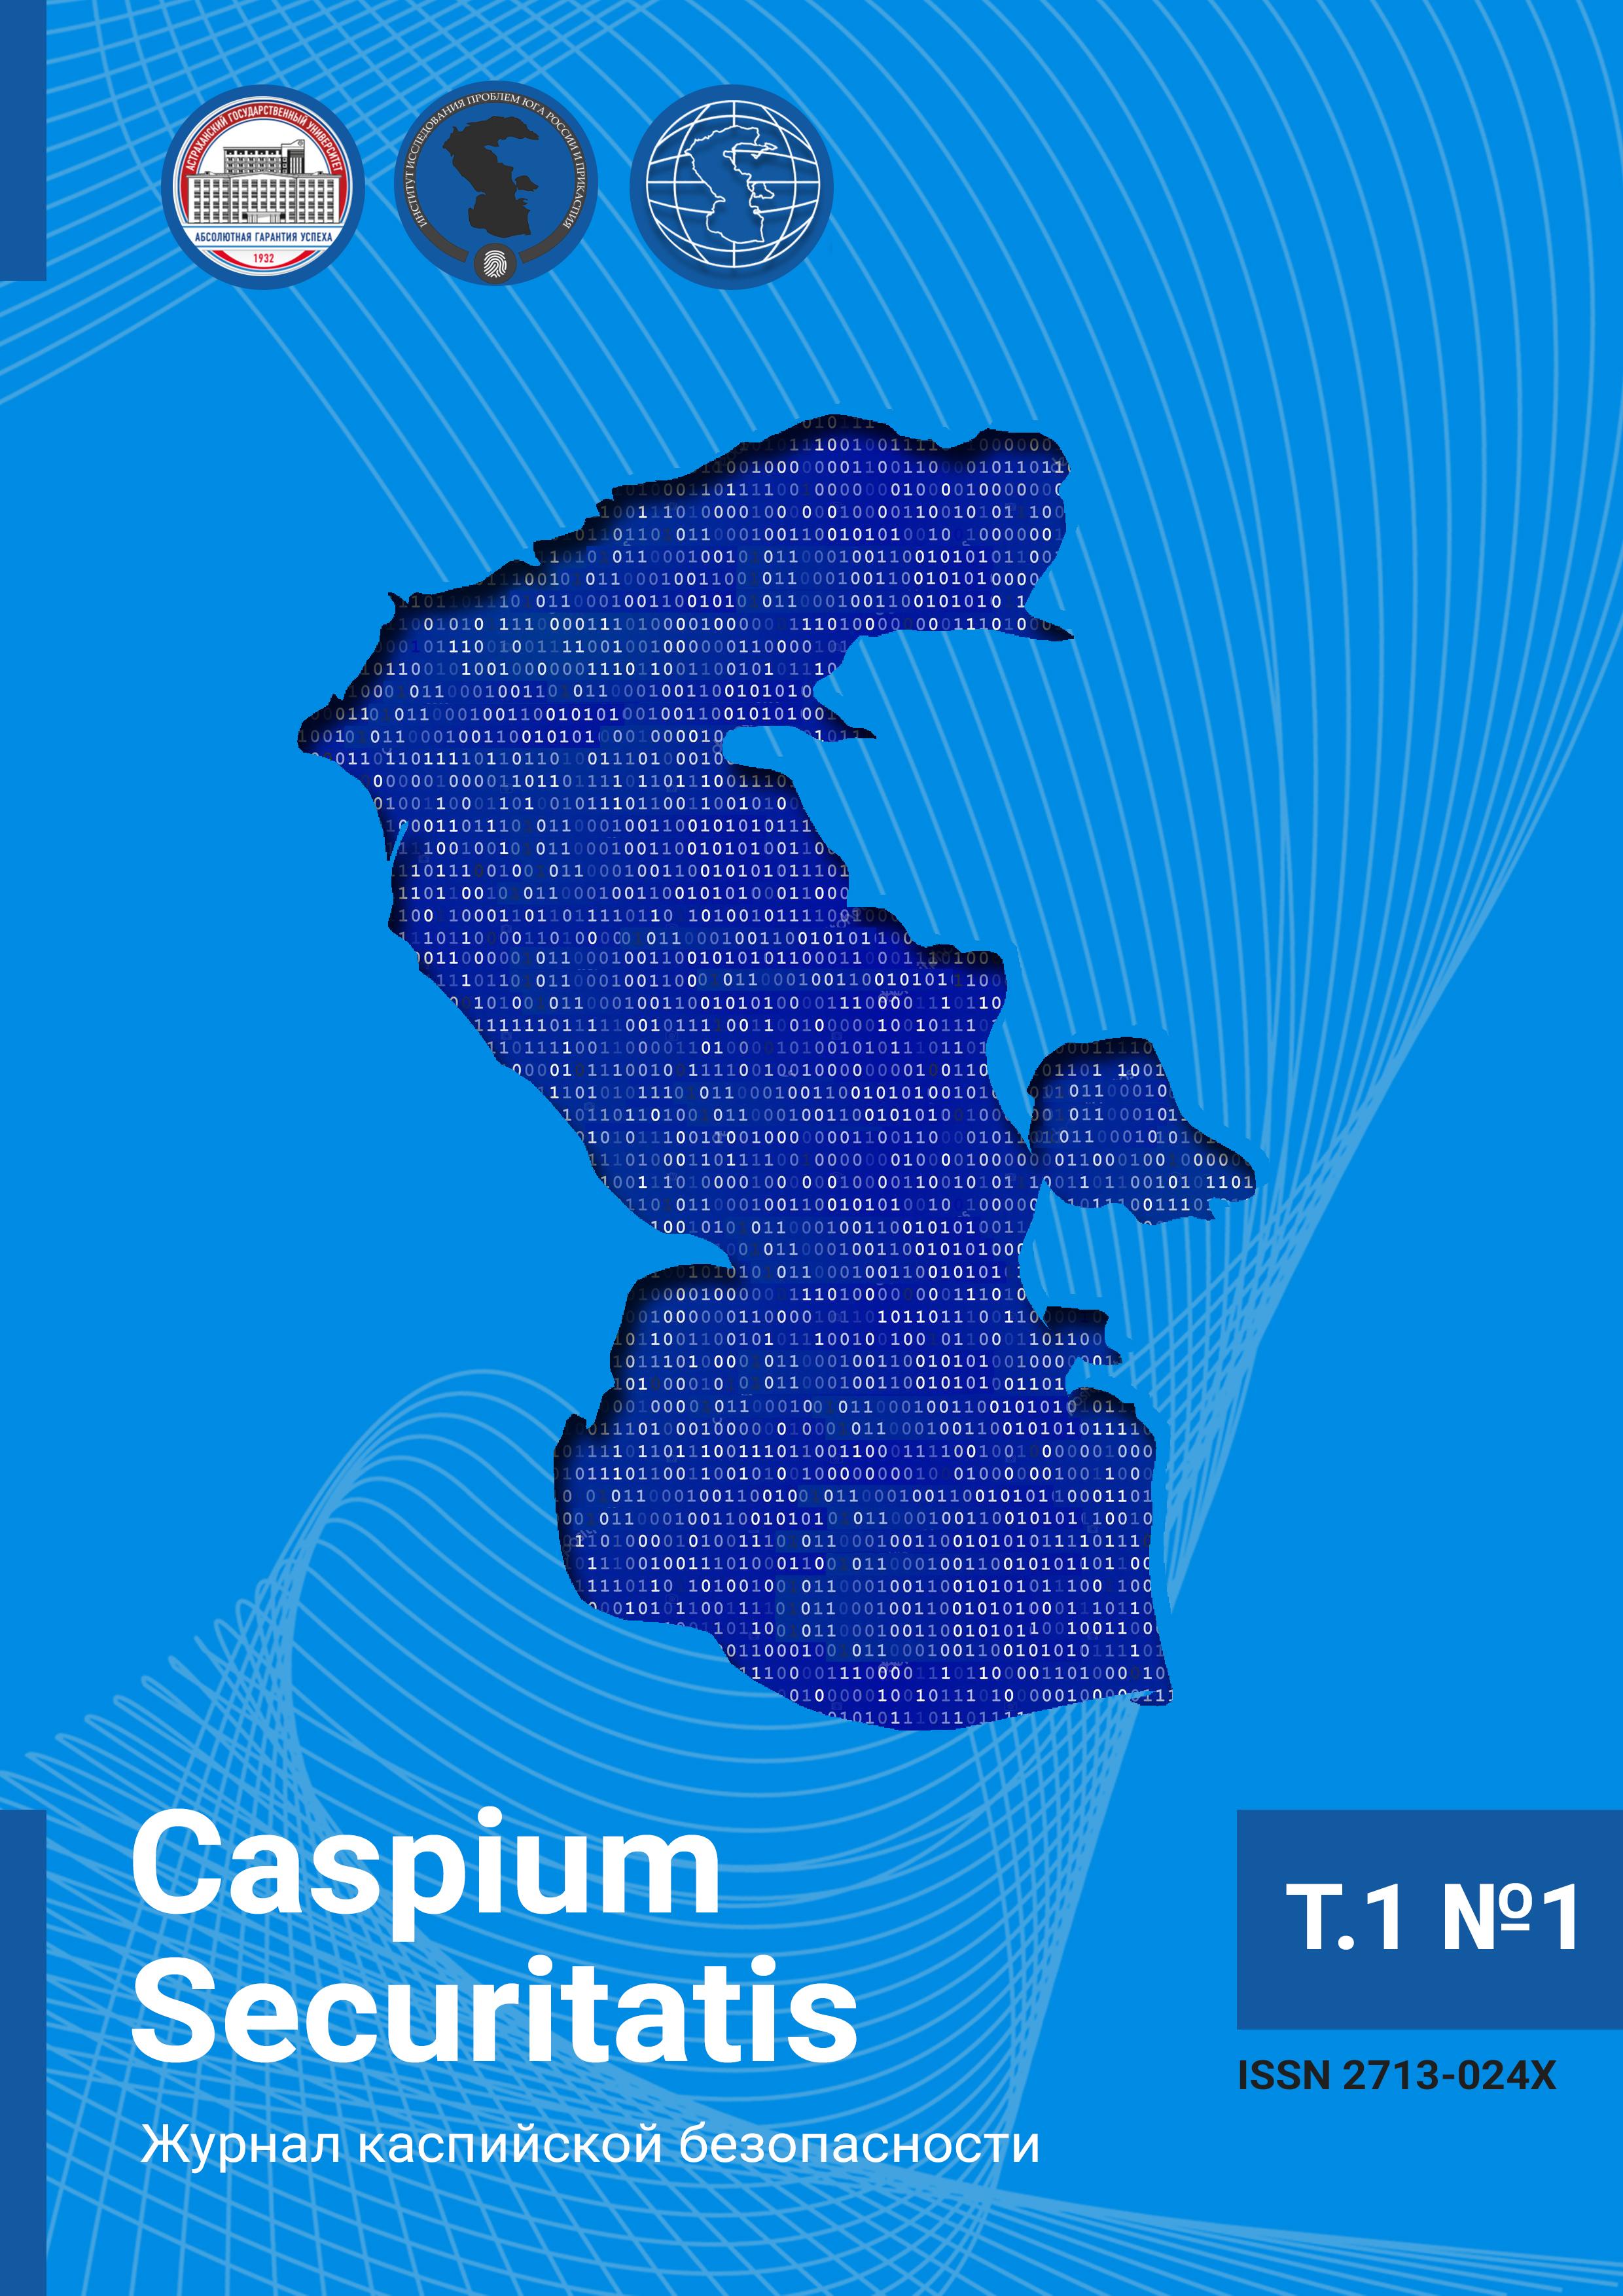 Caspium Securitatis